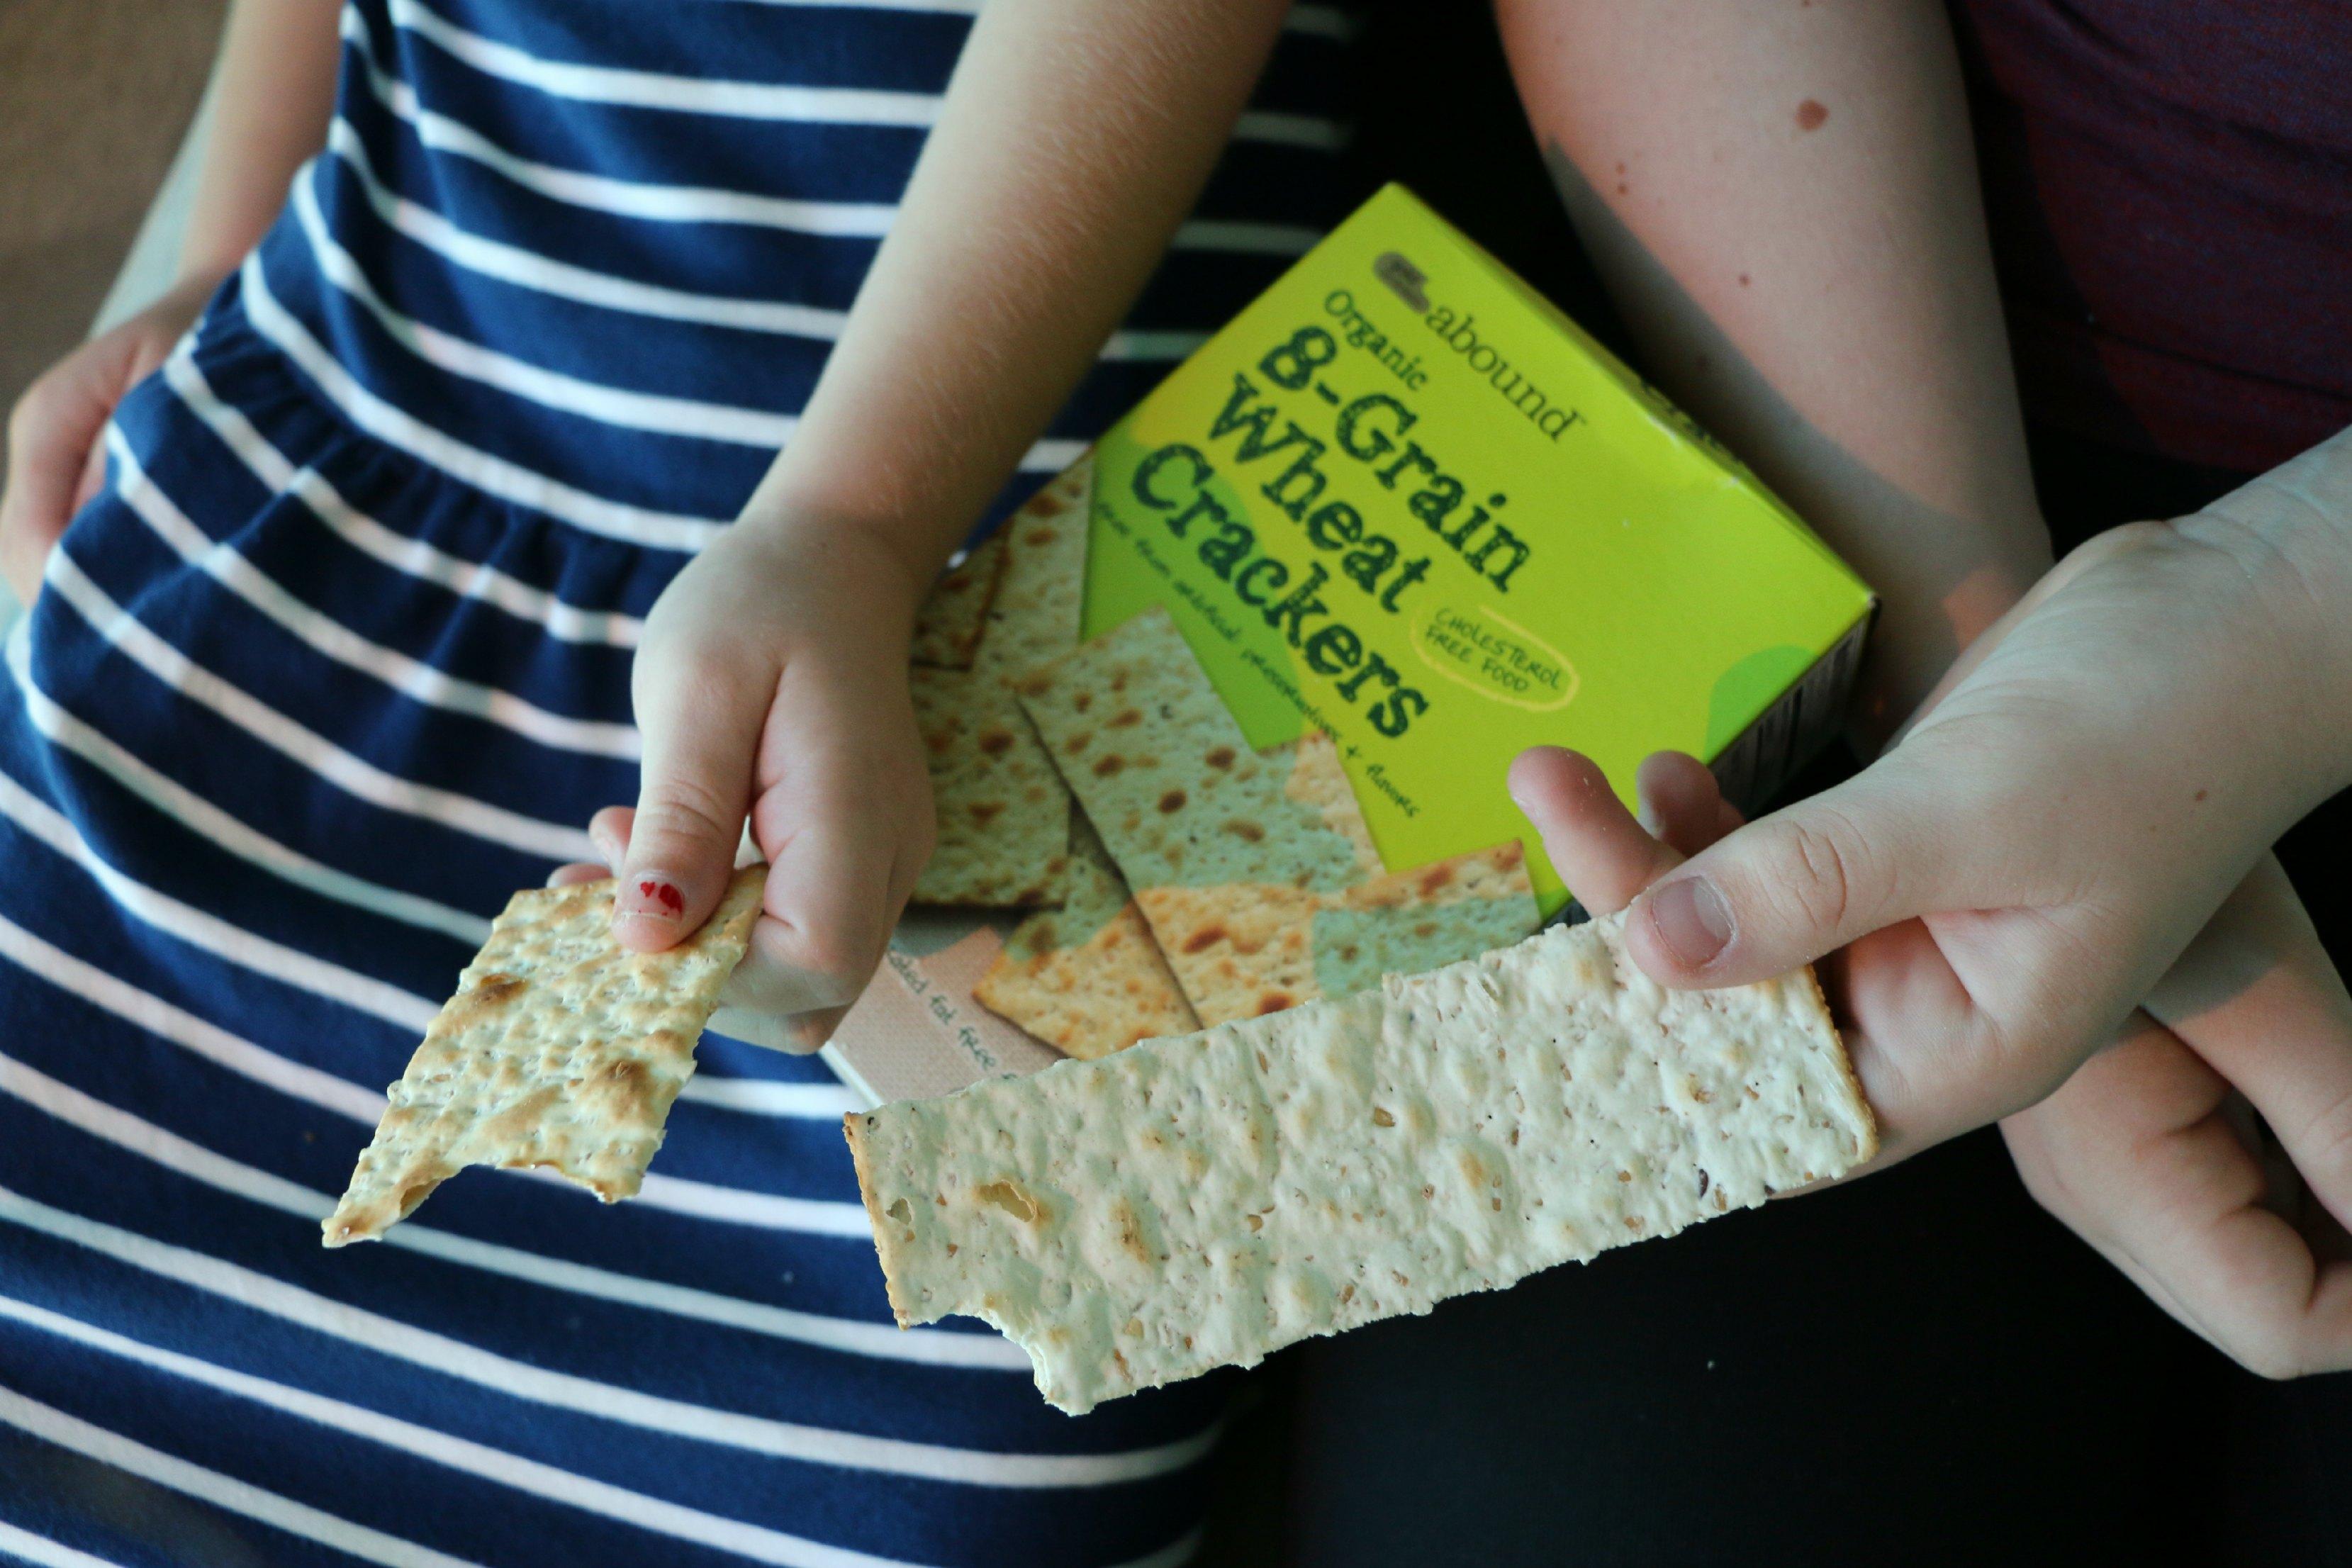 cvs crackers